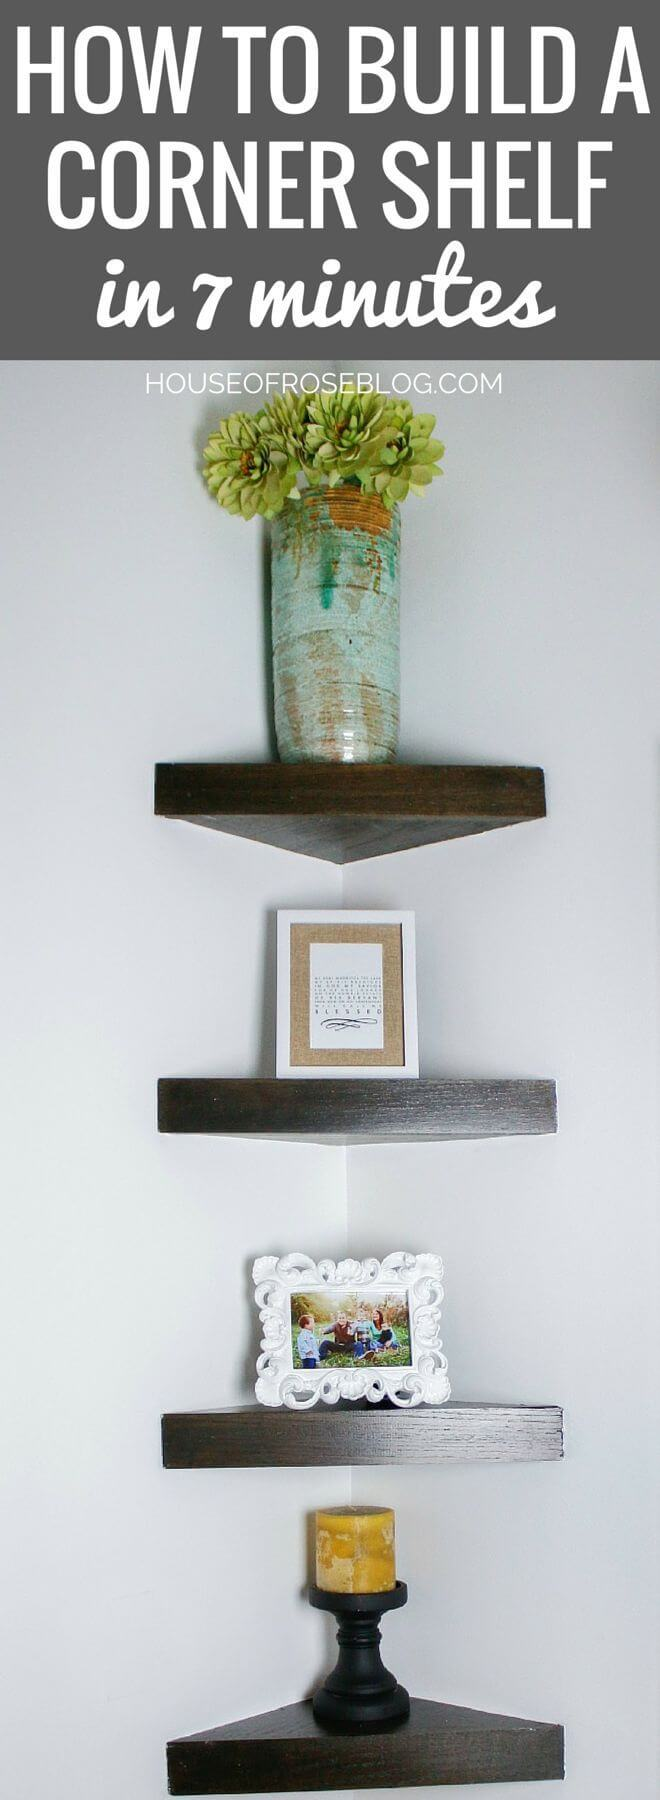 Über 45 inspirierende DIY-Wohnzimmer-Deko-Ideen für Designer mit kleinem Budget